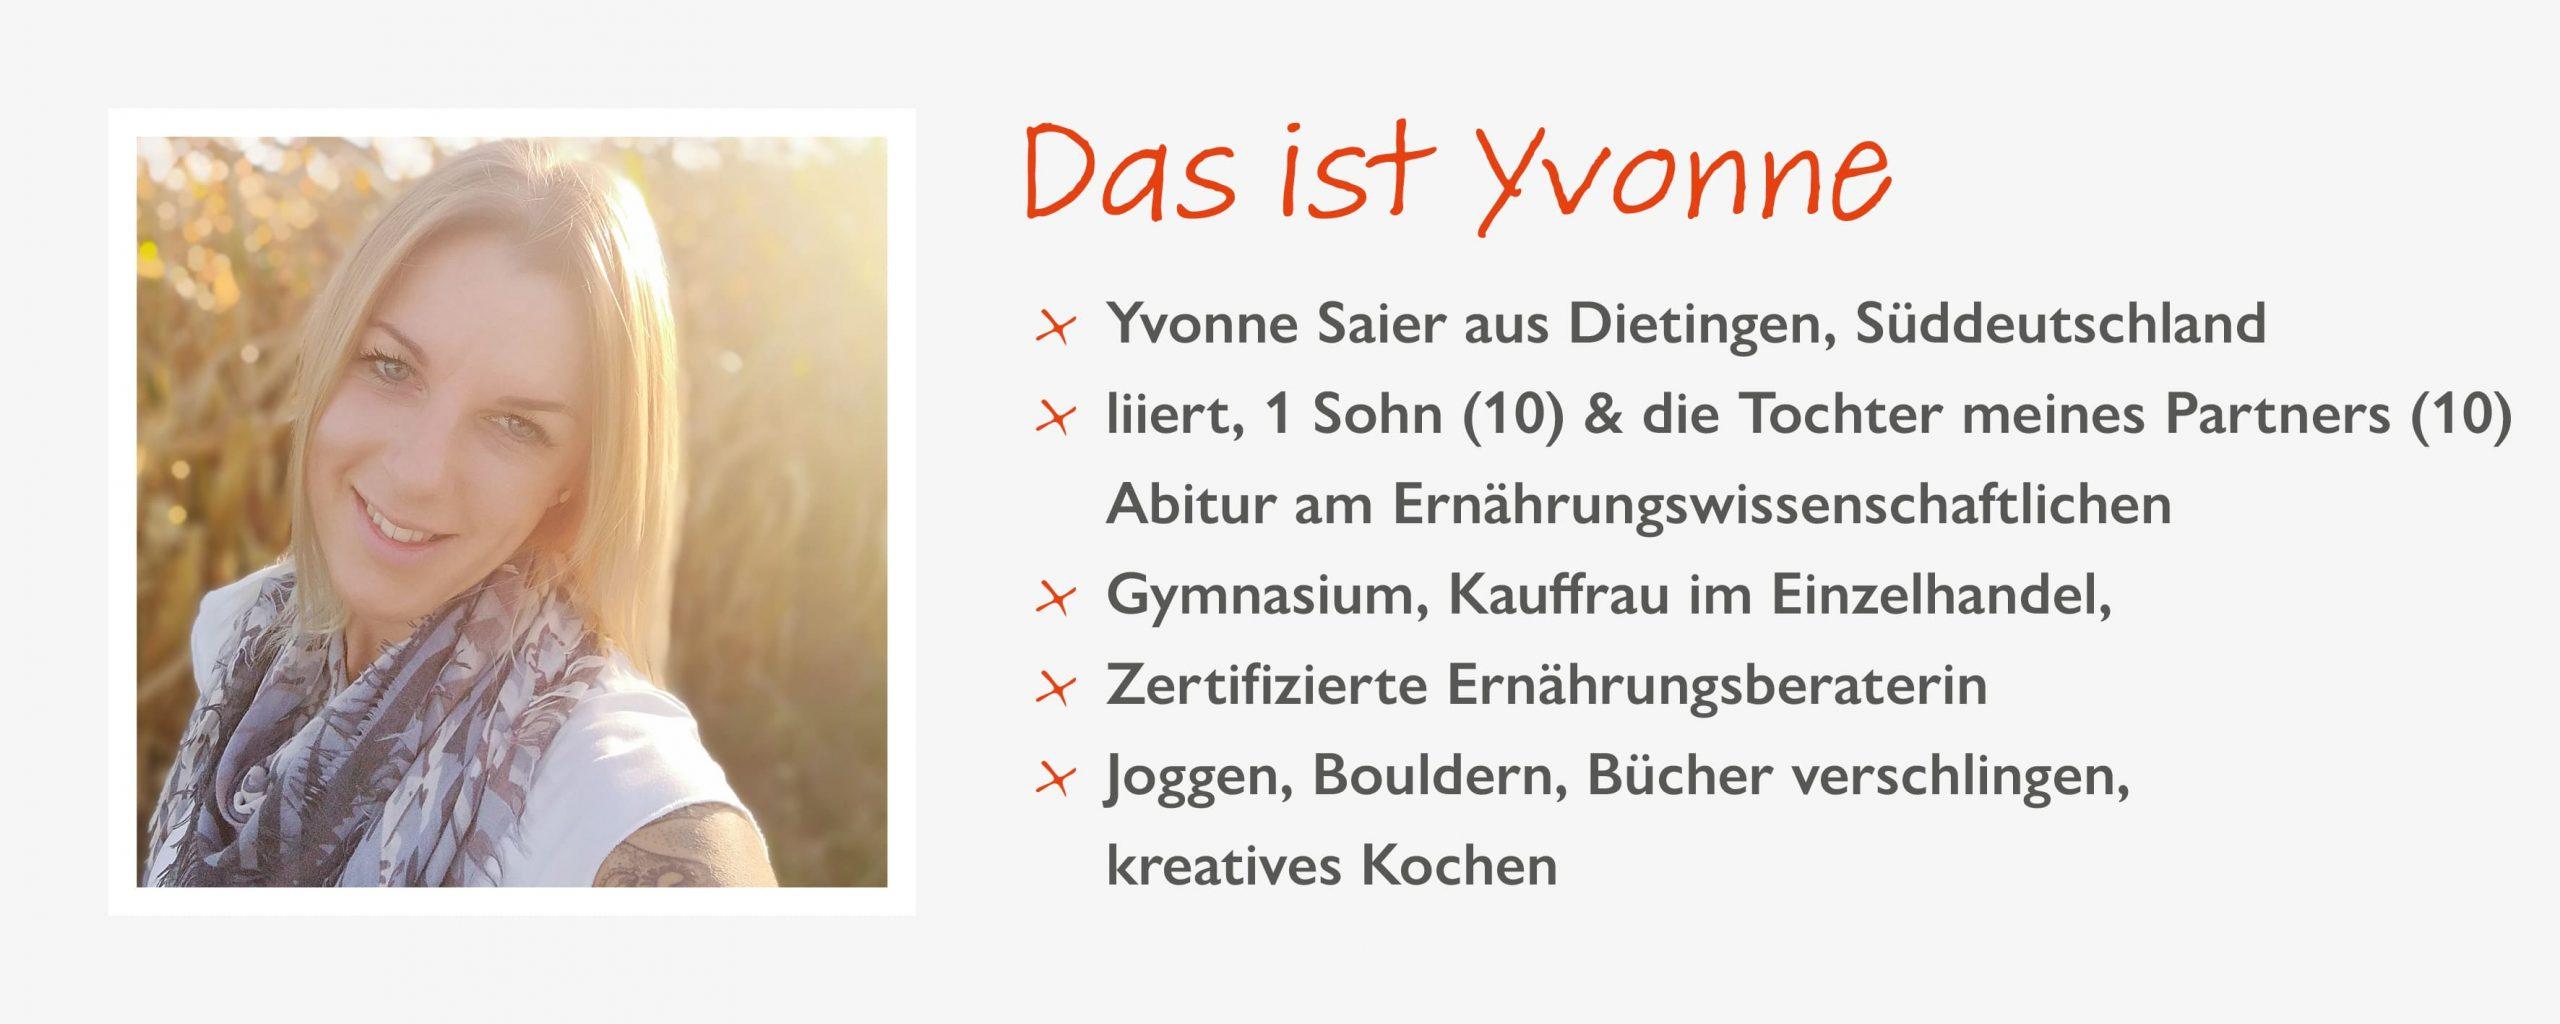 Yvonne Saier, Steckbrief